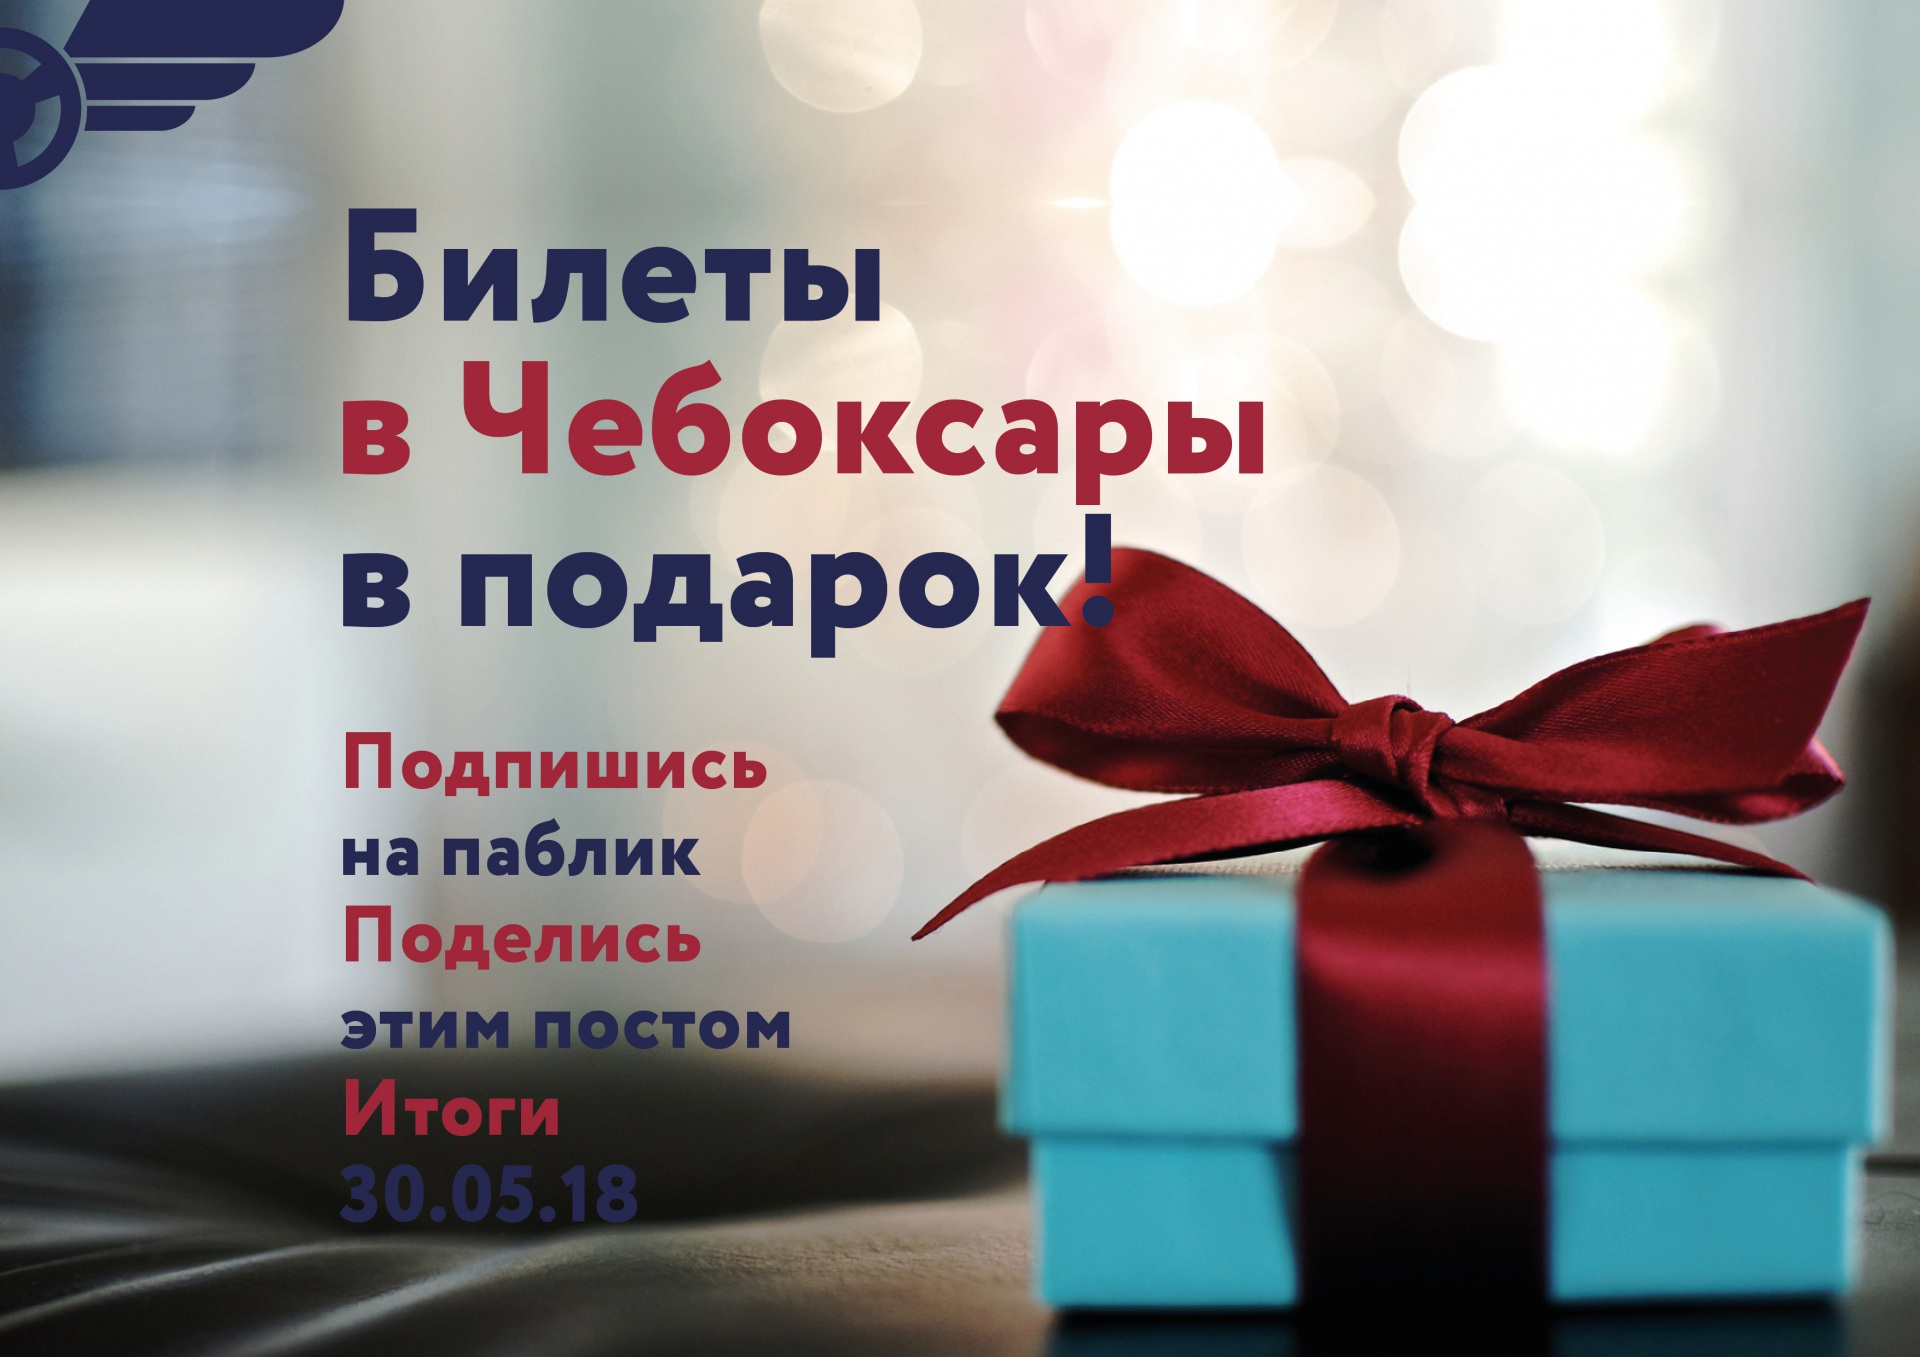 Post_Rozygrysch-sertifikata-v-Cheboksary-01.jpg